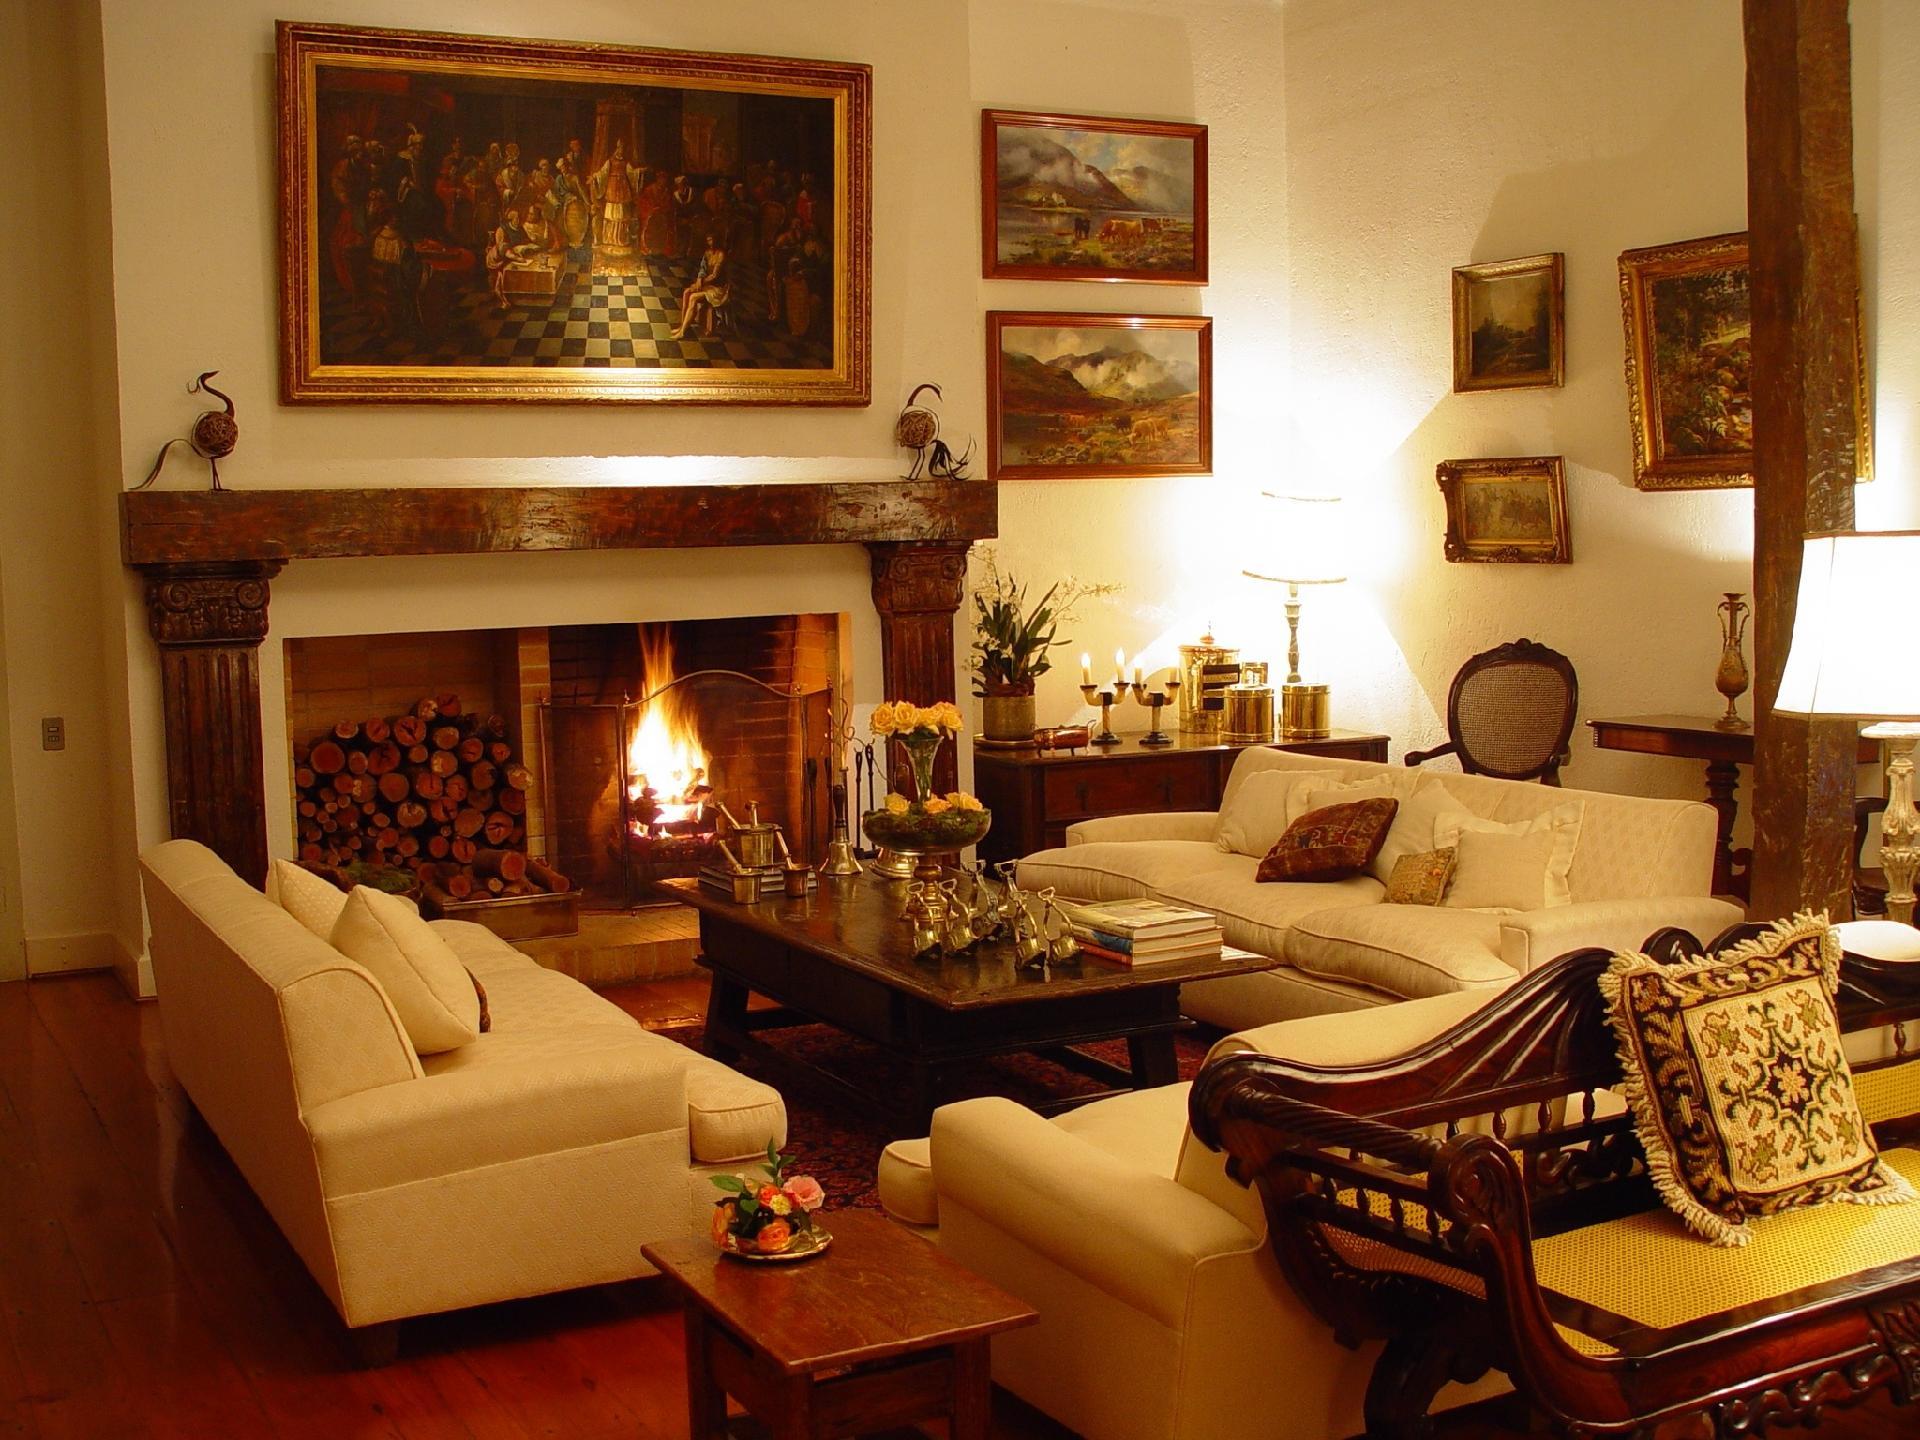 #BA490D Salas de estar: sugestões para quem tem muito ou pouco espaço BOL  1920x1440 píxeis em Decoração De Sala De Estar Em Vermelho